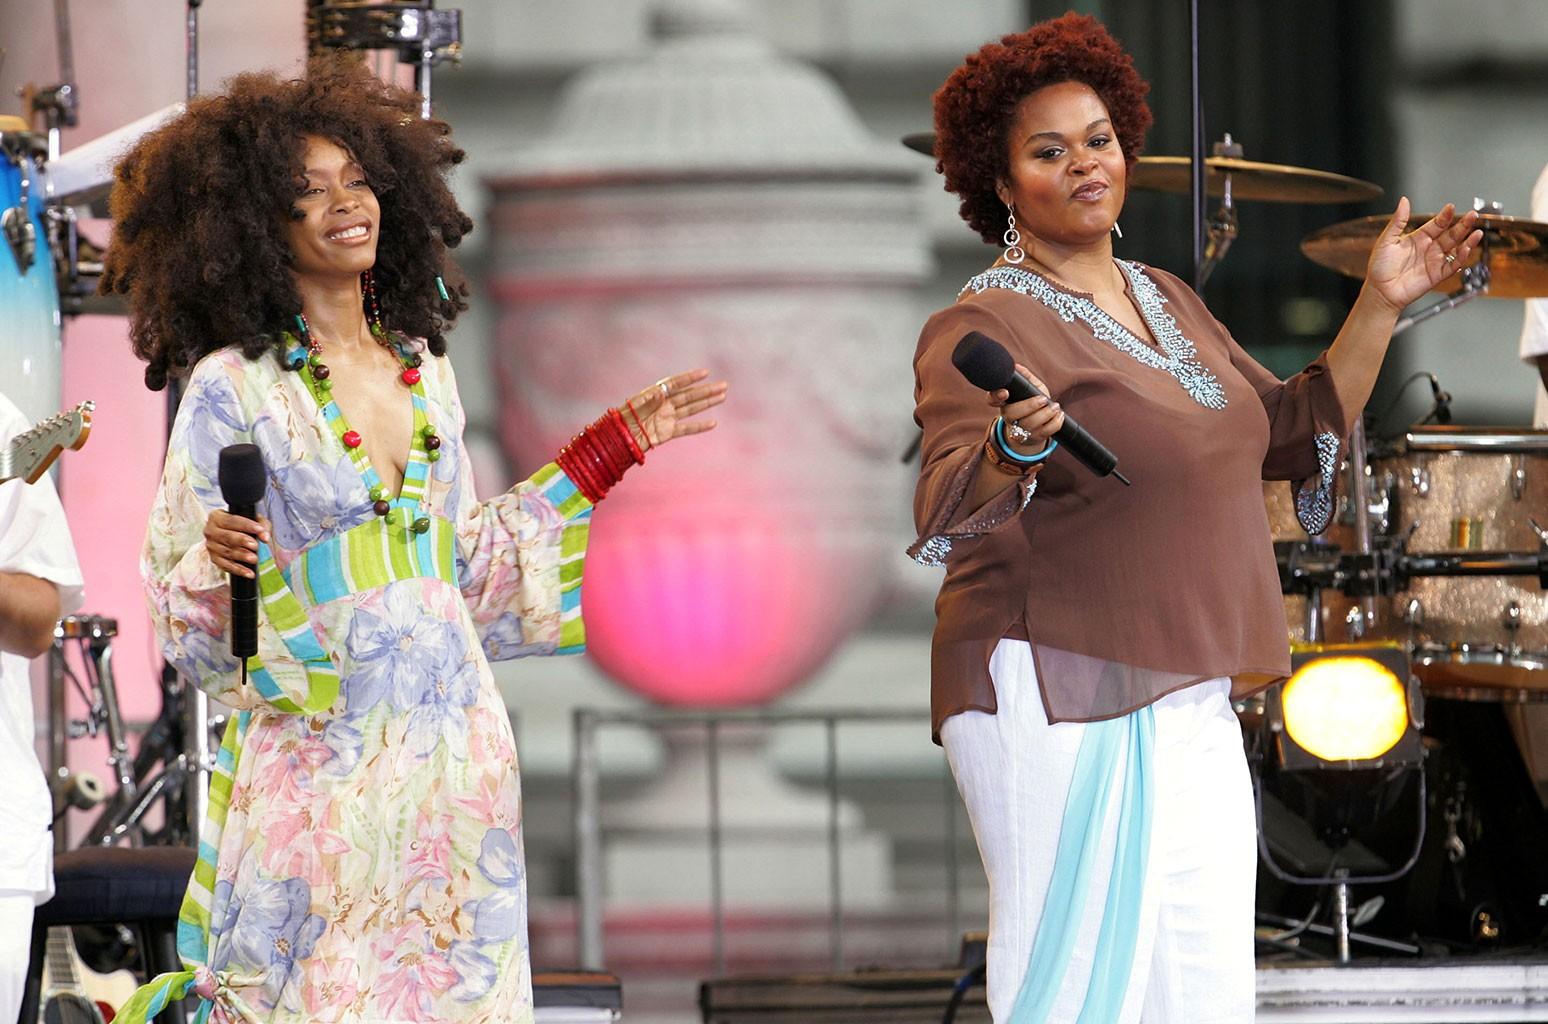 Erykah Badu and Jill Scott